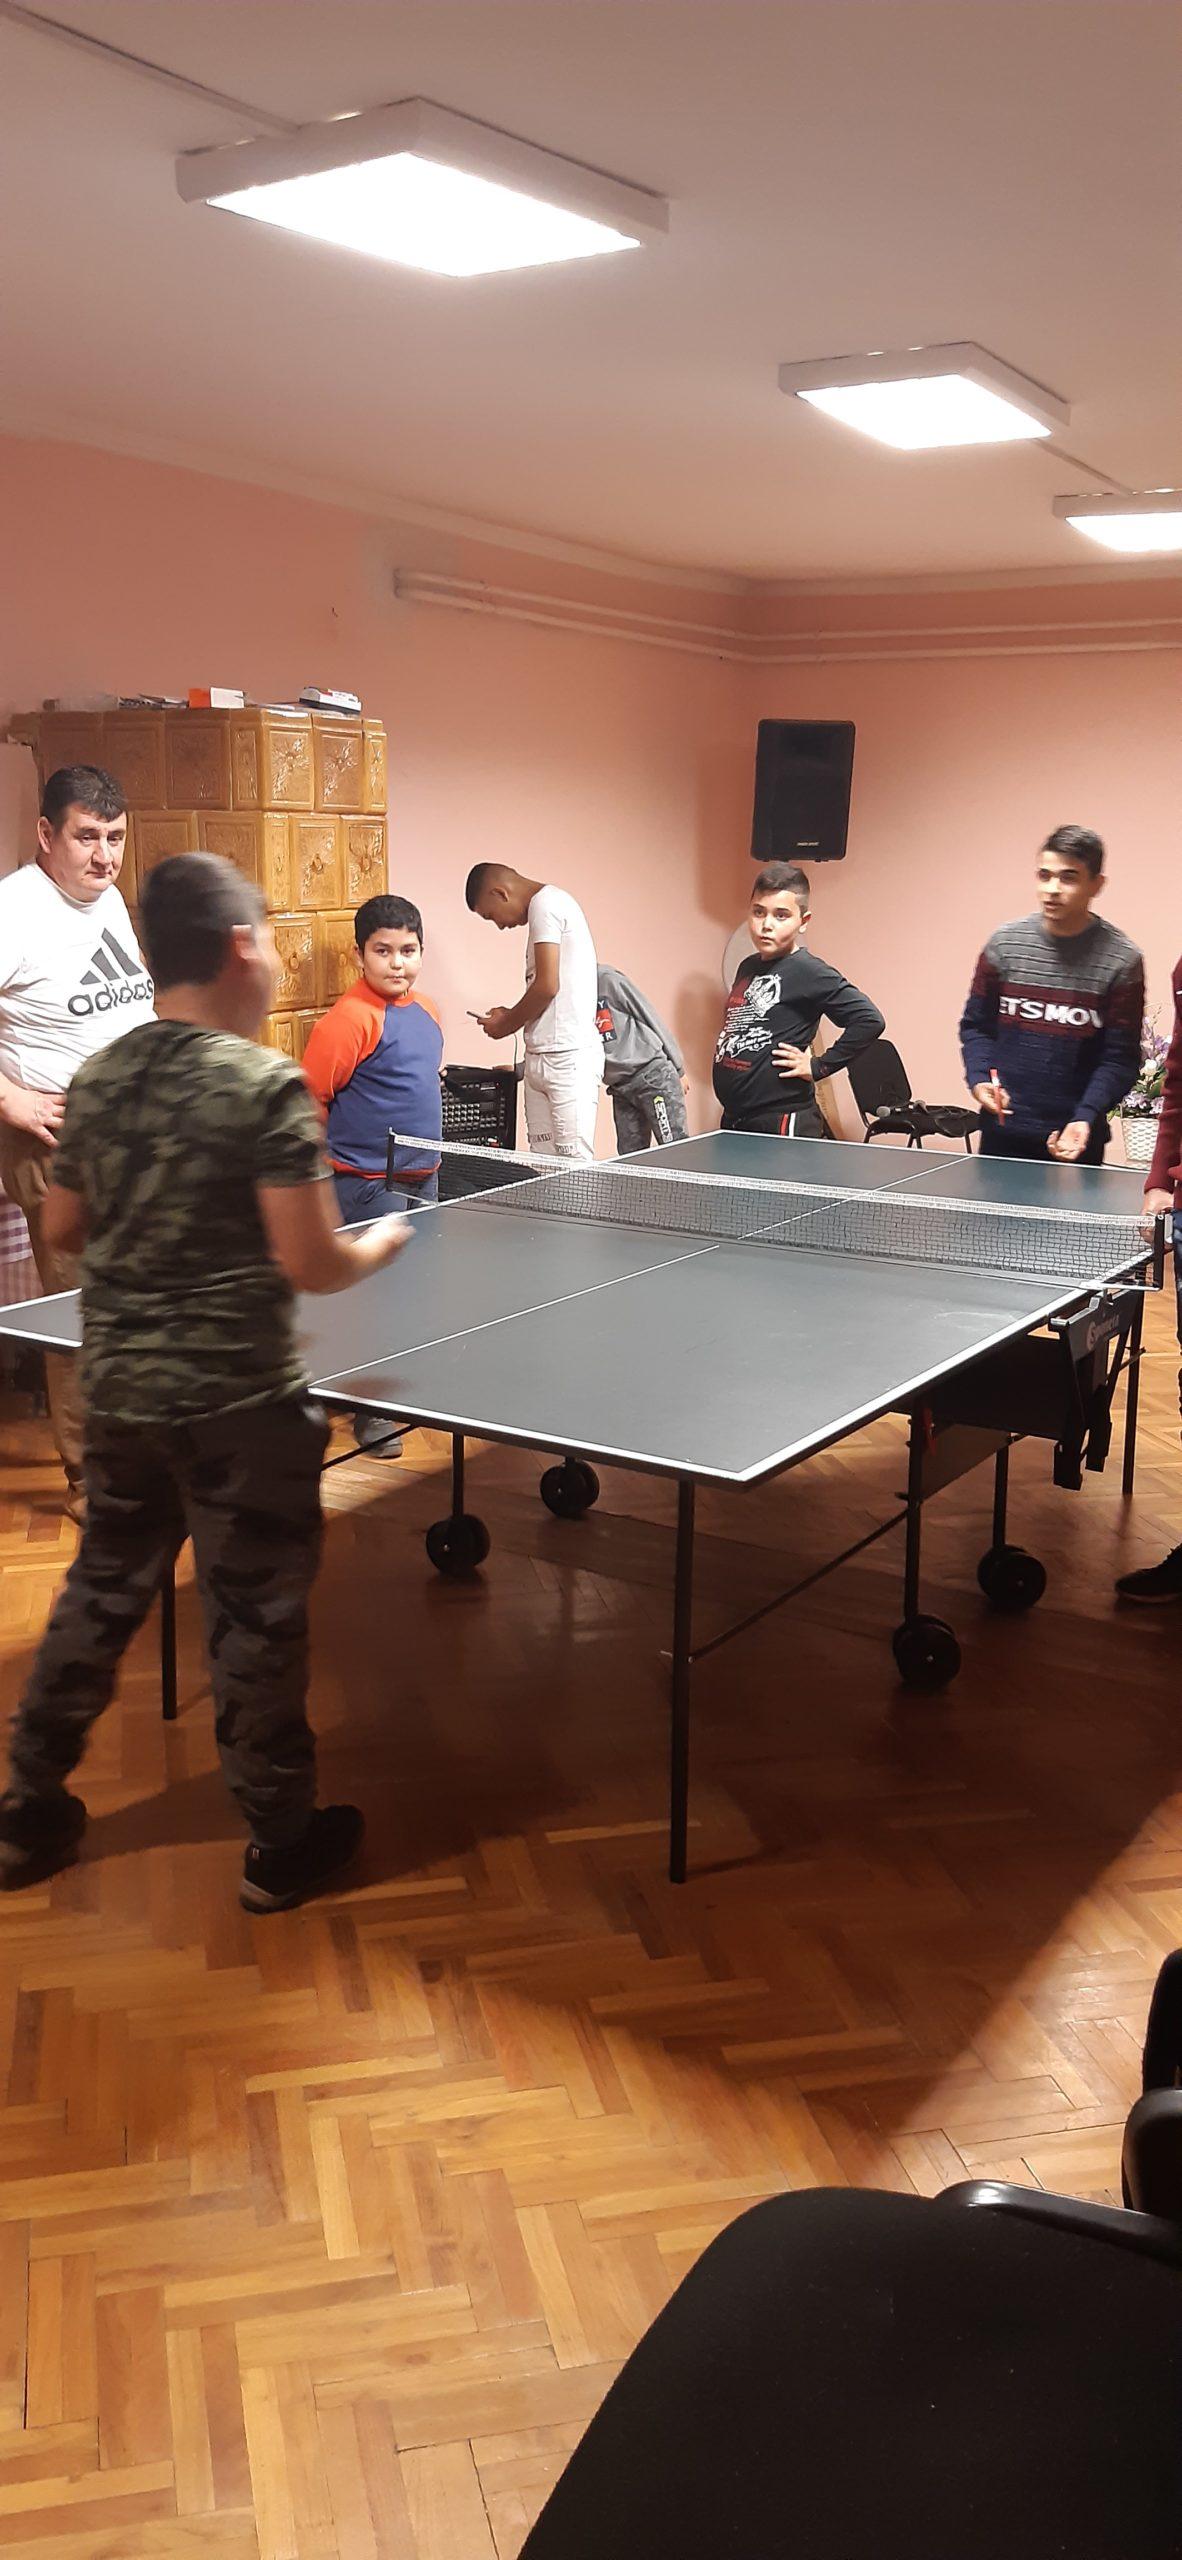 Menedék a fiataloknak - Nyírségi Ifjúsági Klub! 11